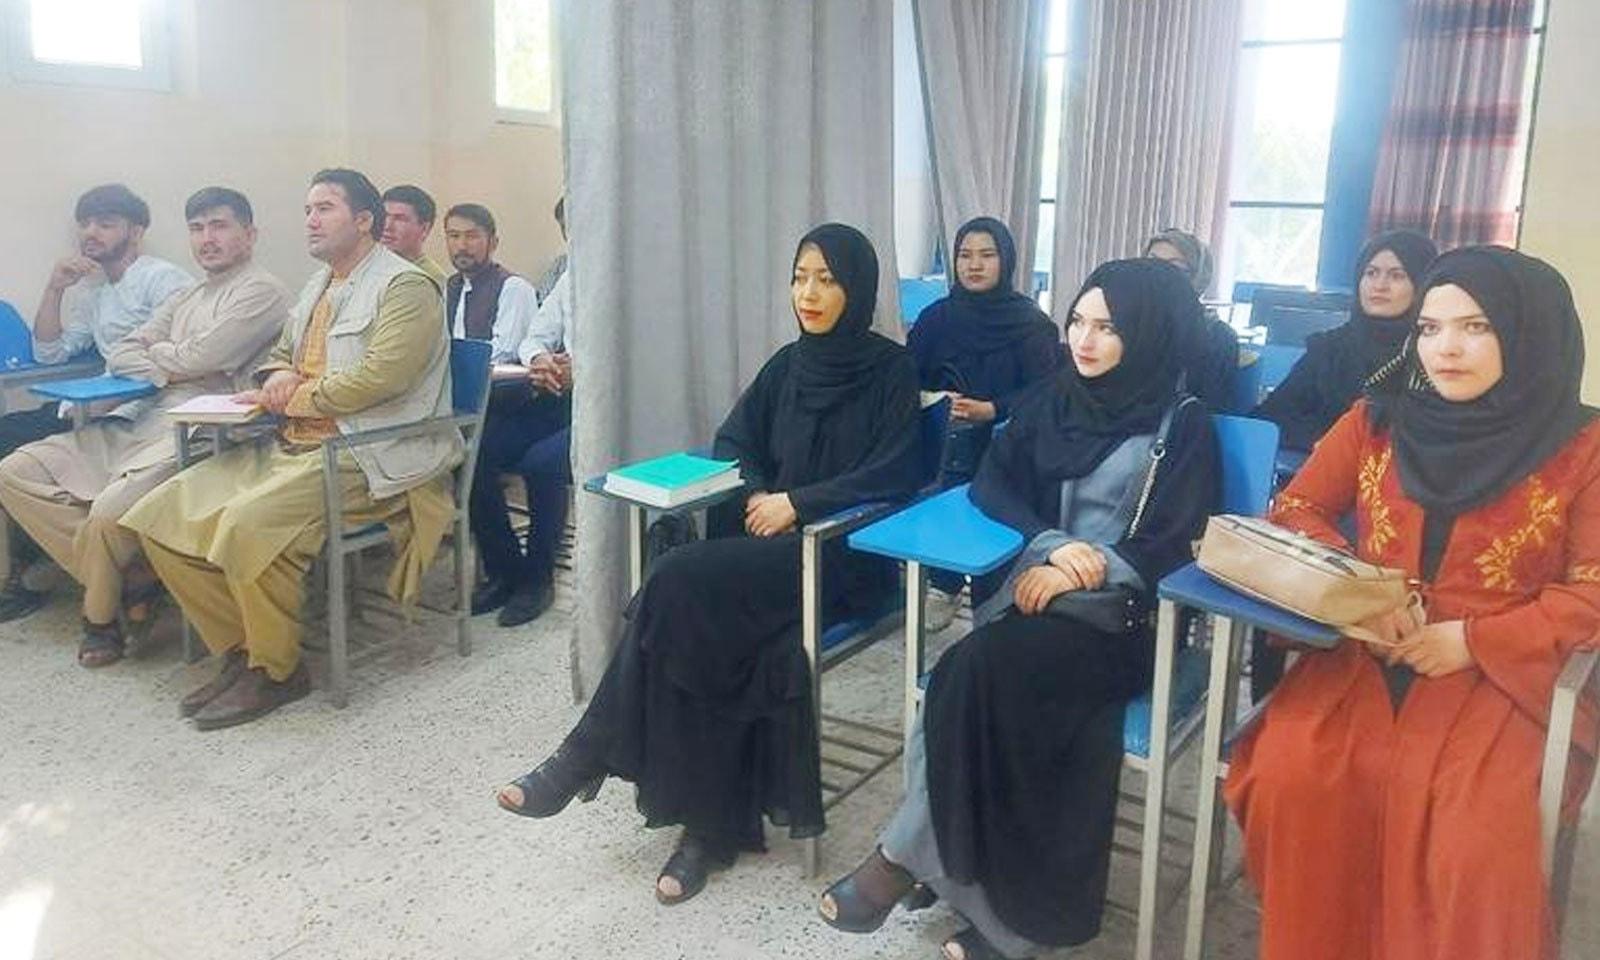 کابل کی ابن سینا یونیورسٹی میں 6 ستمبر کو ایک ہی کلاس میں طلبہ و طالبات کے درمیان پردا لگایا گیا —فوٹو: رائٹرز